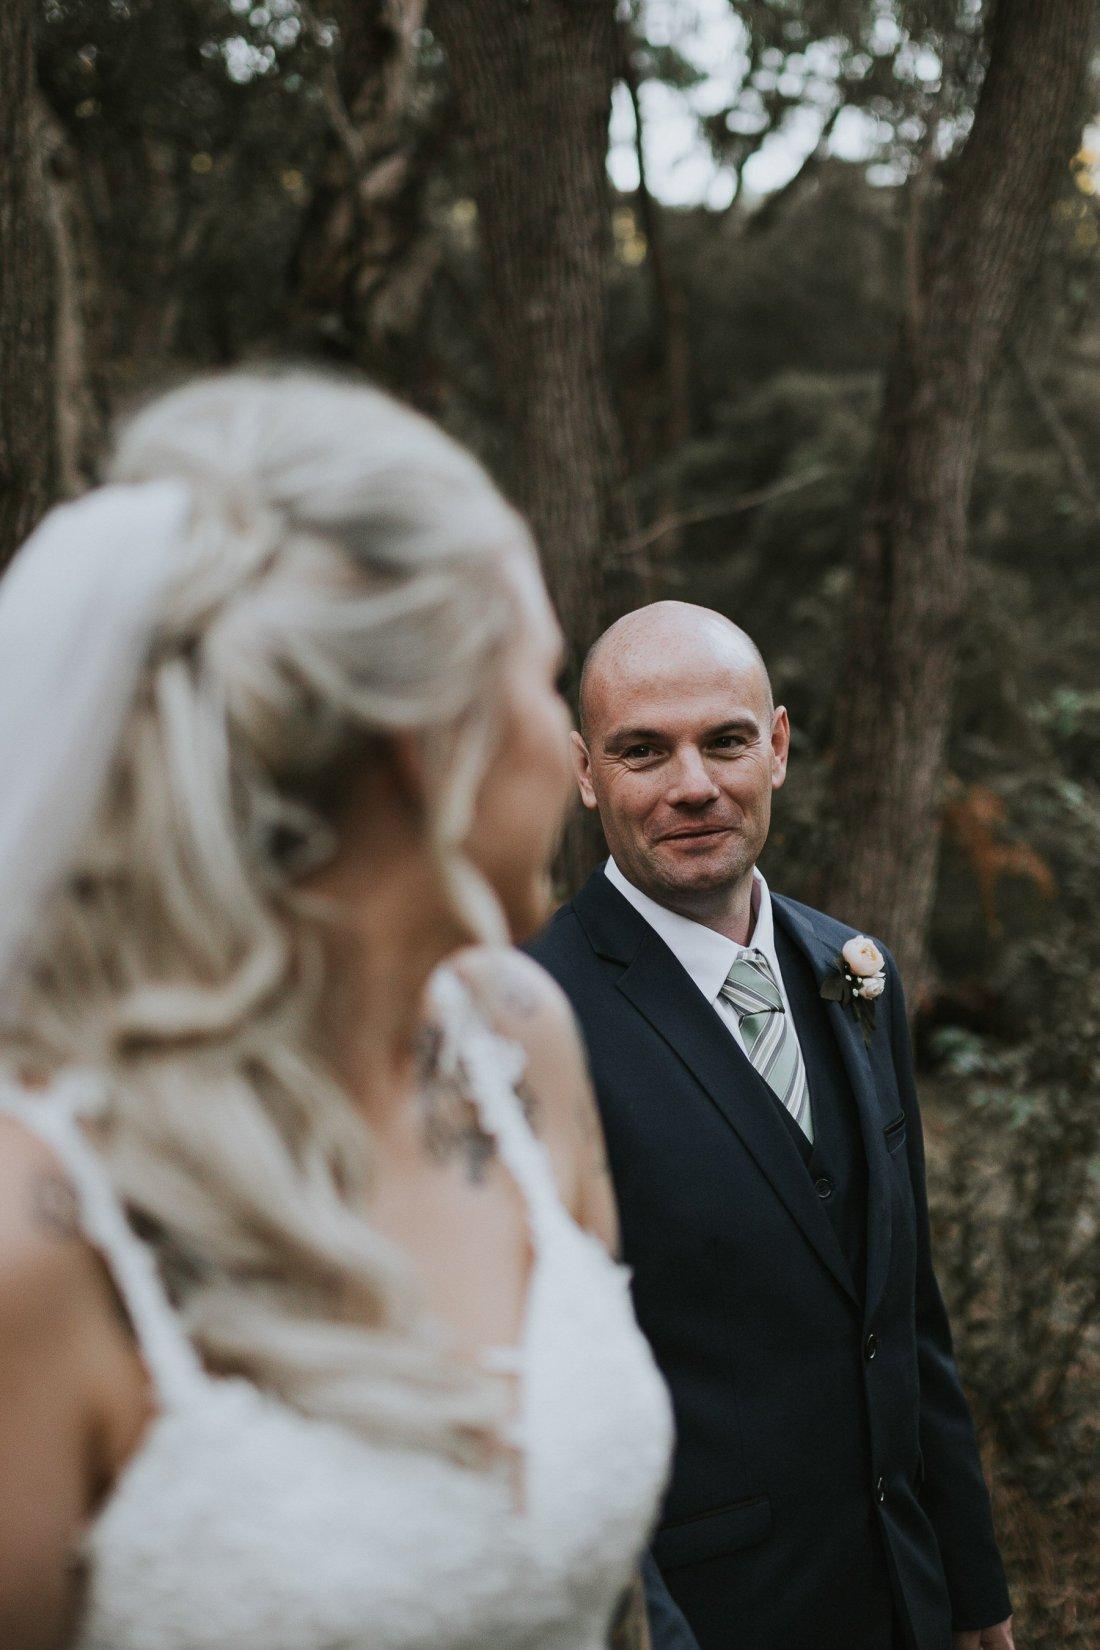 Ebony Blush Photography | Perth Wedding Photographer | Kate + Gareth | Yallingup Wedding Photos51